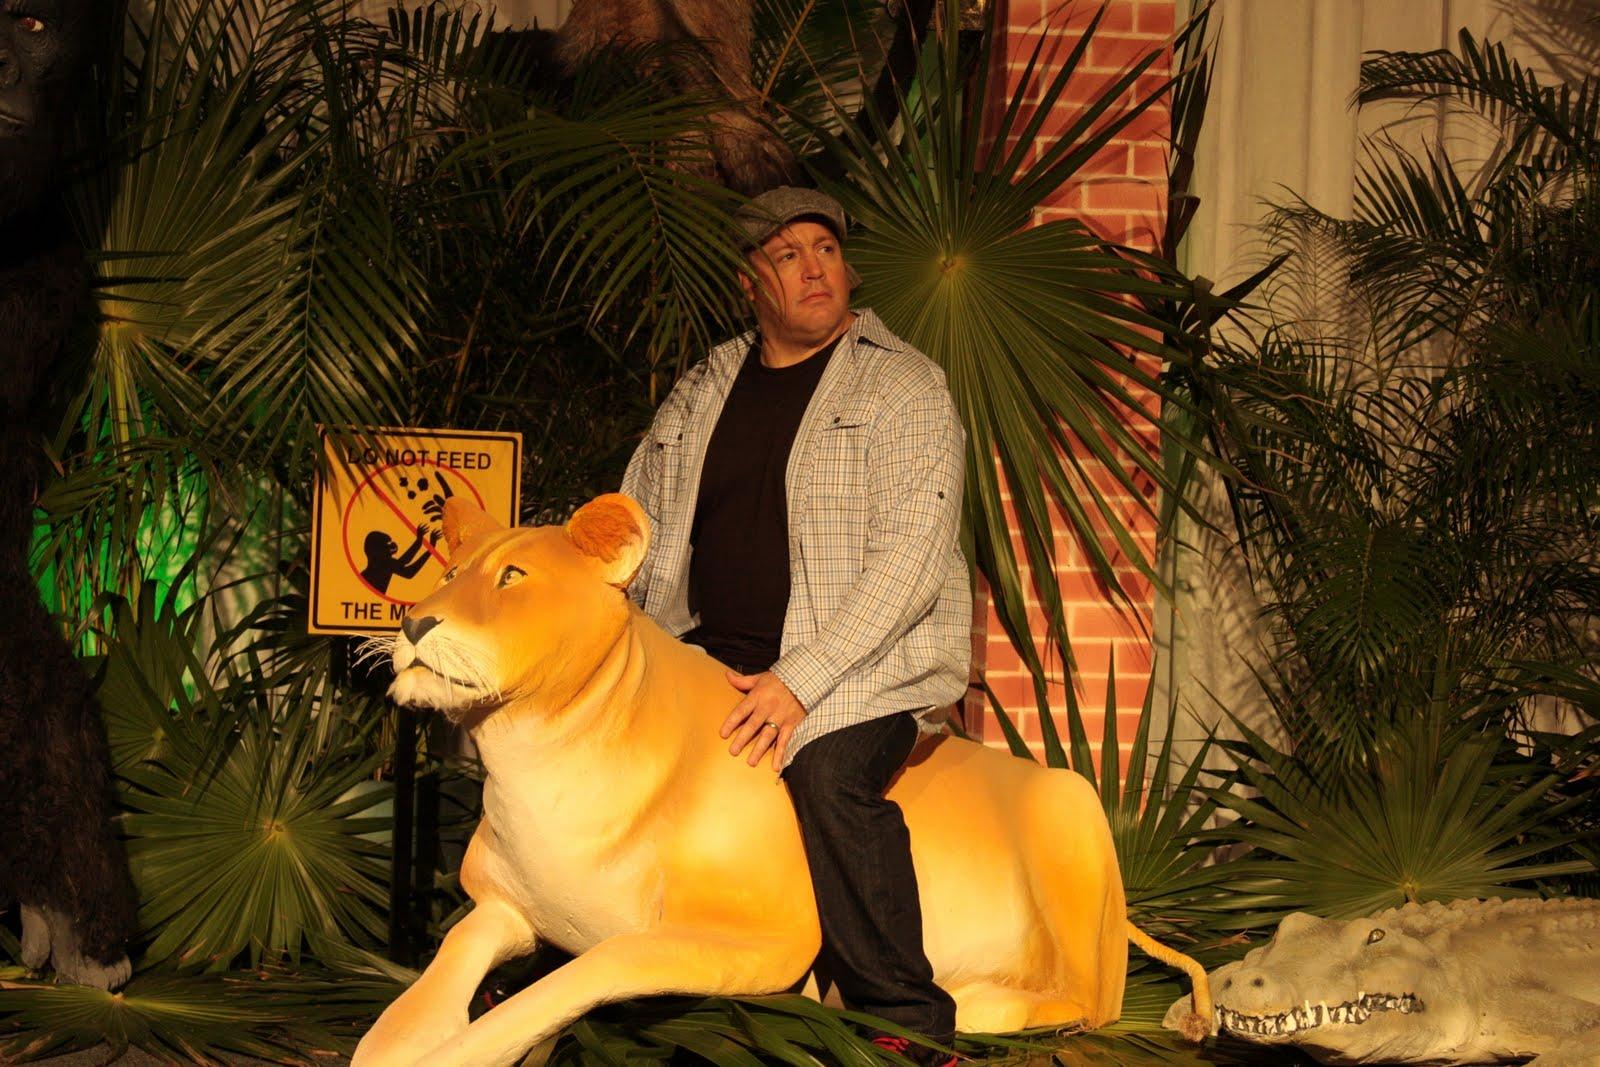 Kevin James Gardien de zoo dans Zookeeper : Actu Film